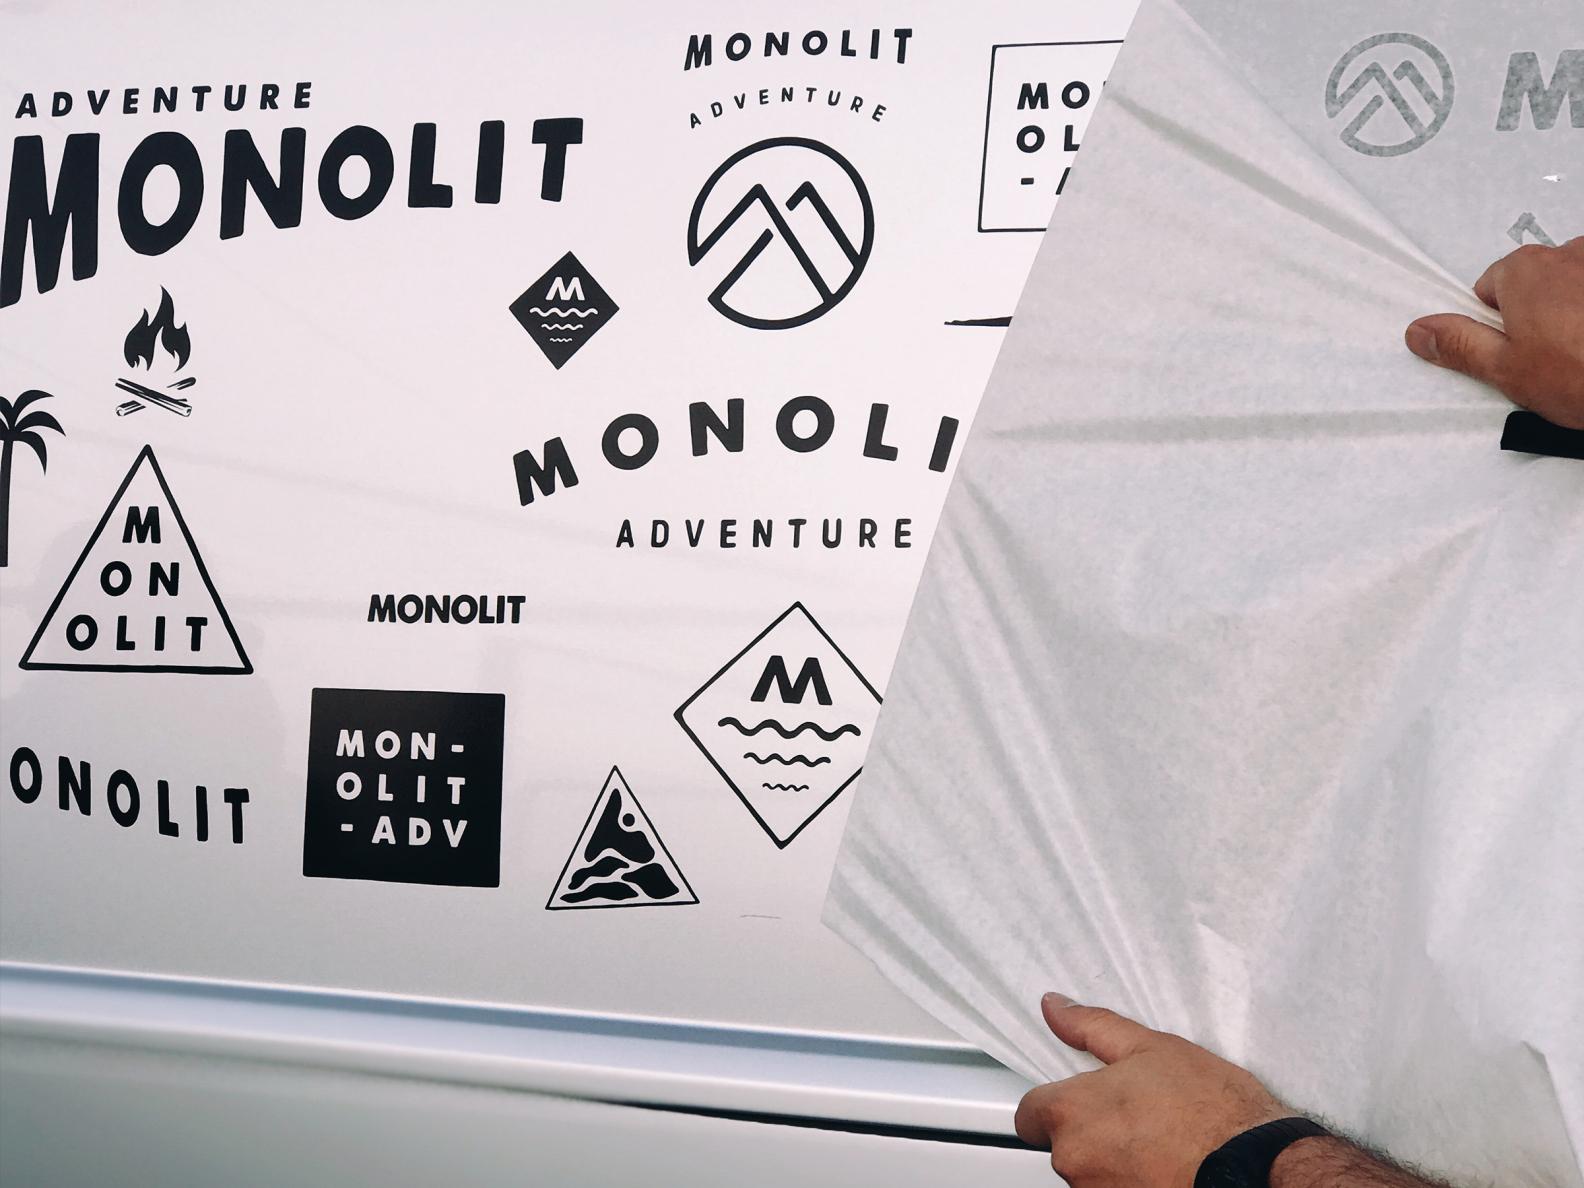 Monolit wrap